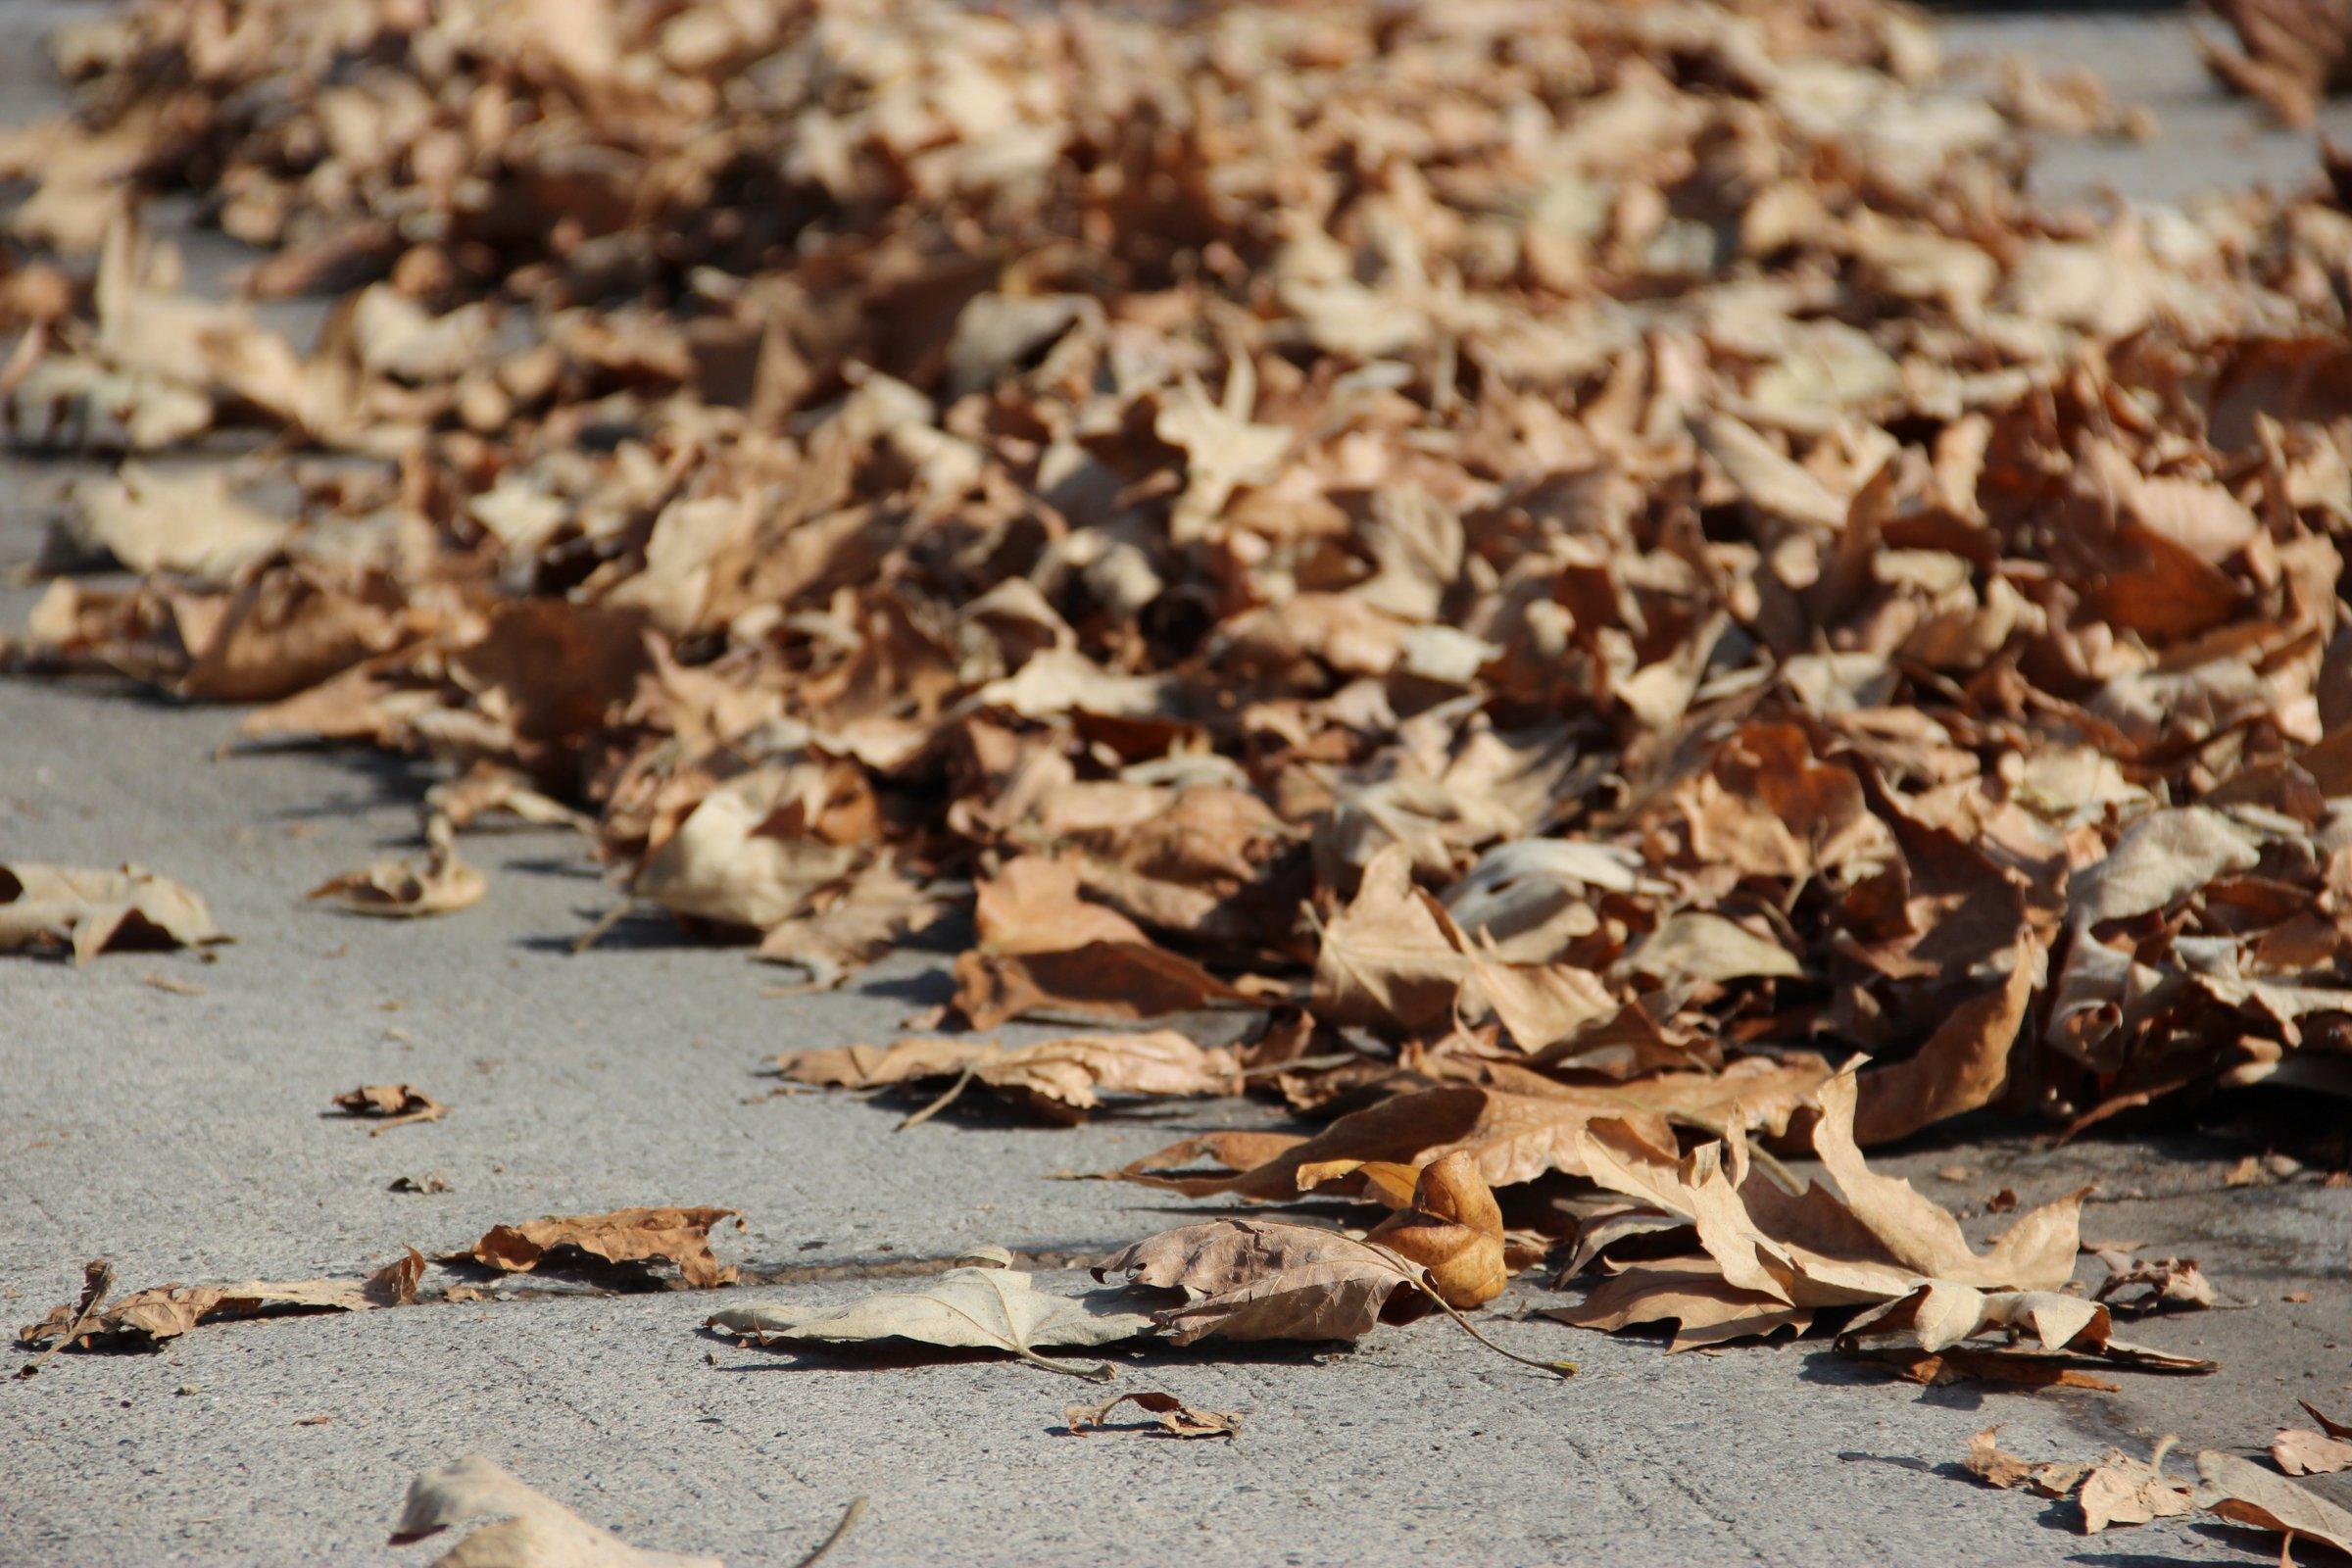 Fallen Dead Leaves On Concrete